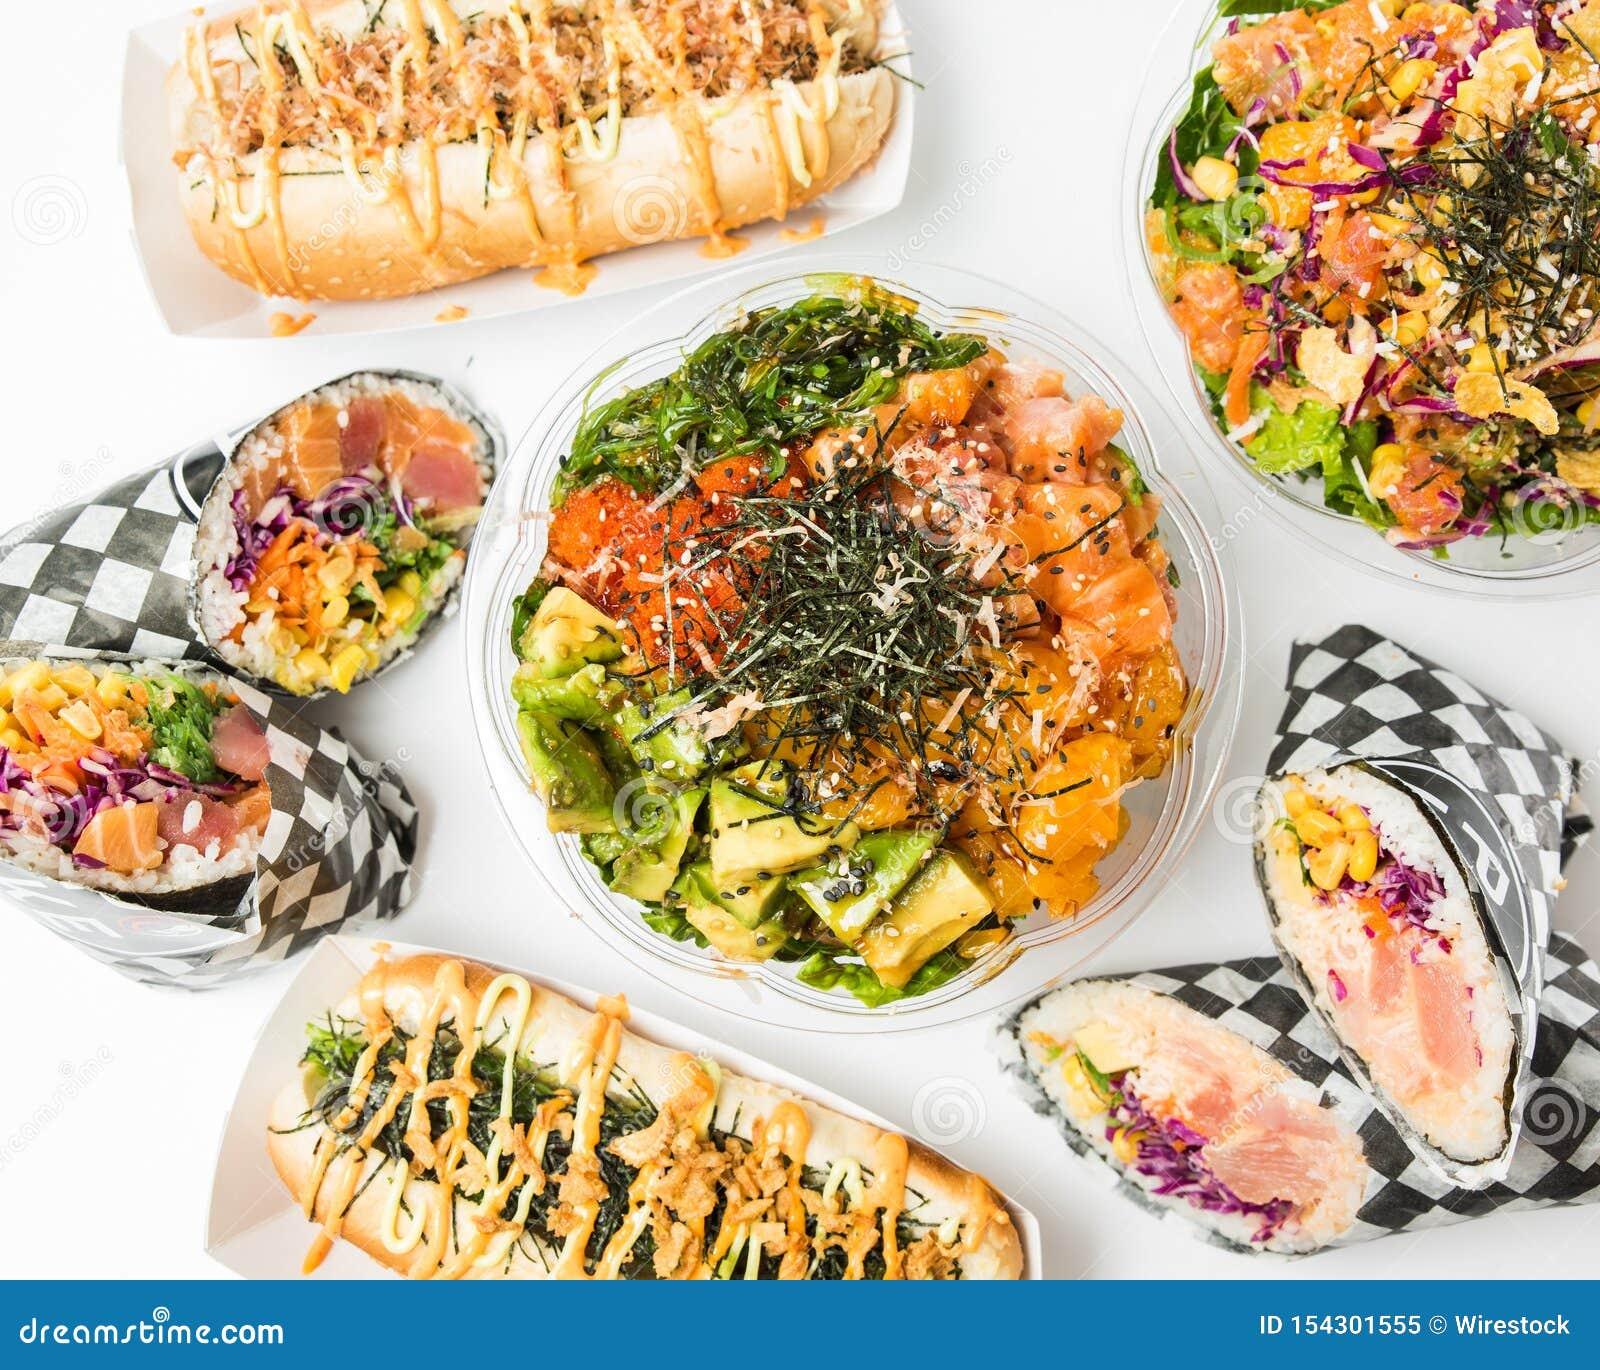 Tiro aéreo dos alimentos e de pratos laterais em uma superfície branca